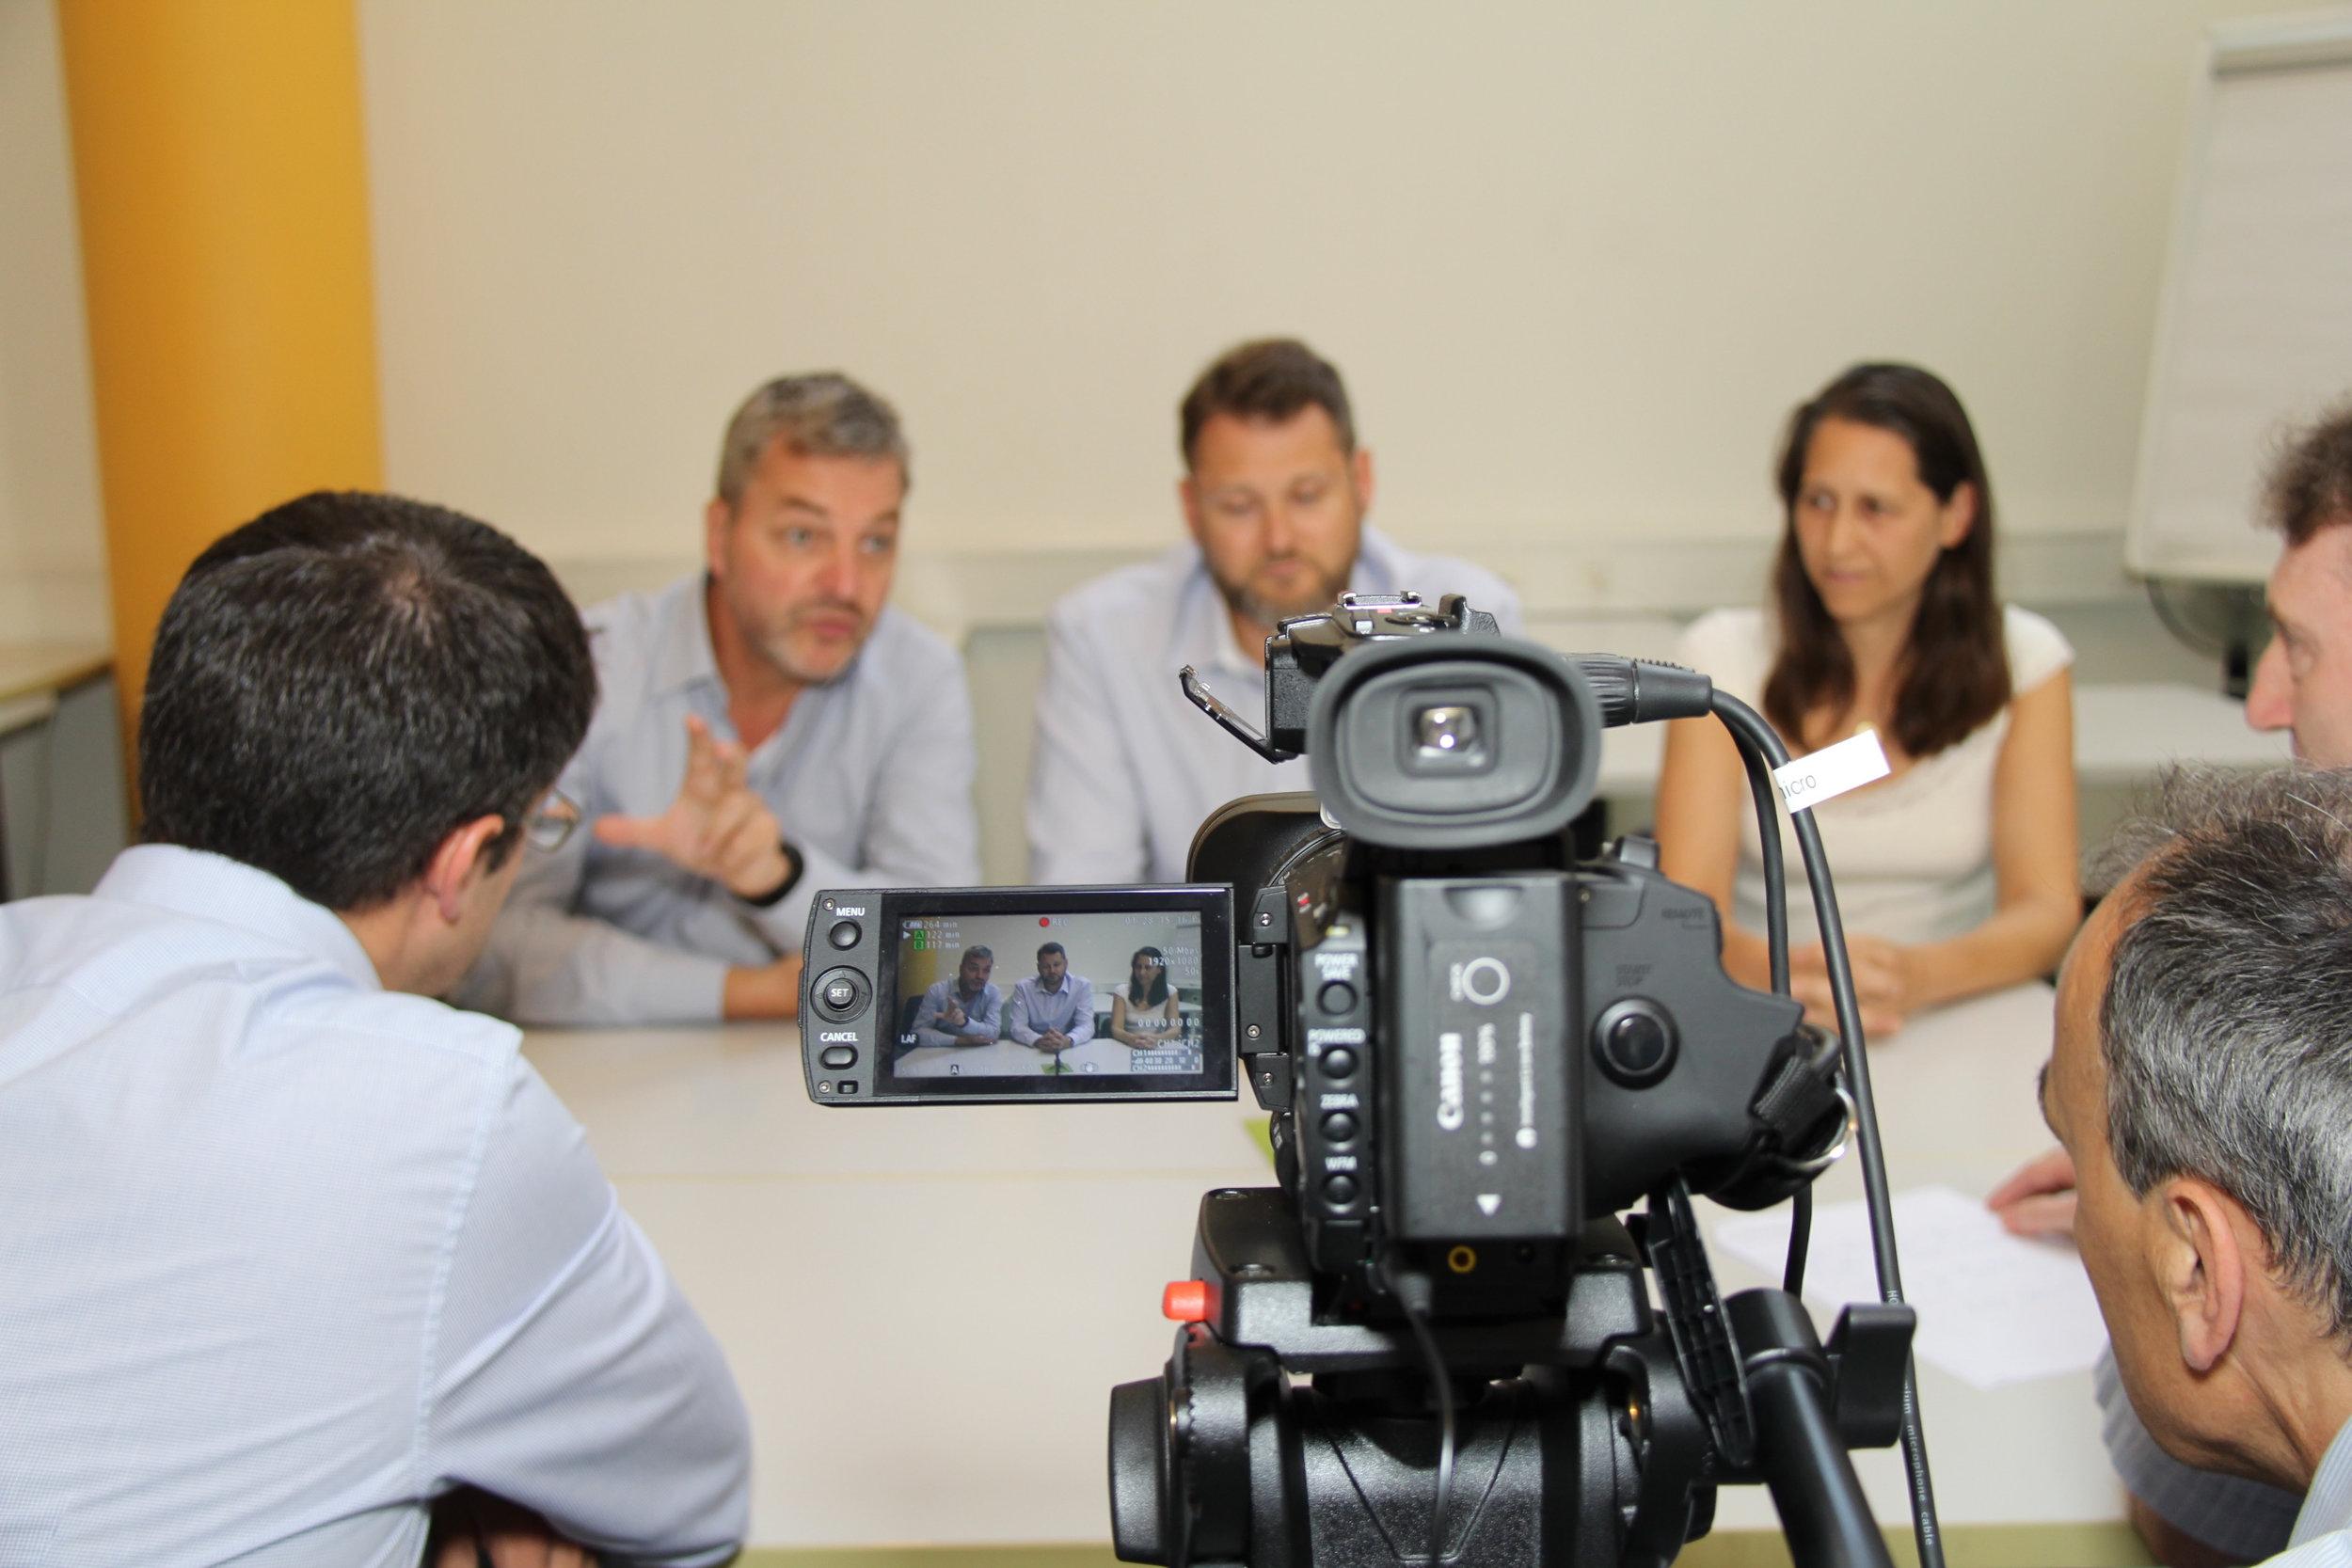 MEDIA-TRAINING   Notre média-training repose sur une longue pratique du terrain. Nos ateliers sont dirigés par un journaliste de télévision, recréent des scénarios crédibles, et utilisent du matériel professionnel pour simuler au plus près la réalité.